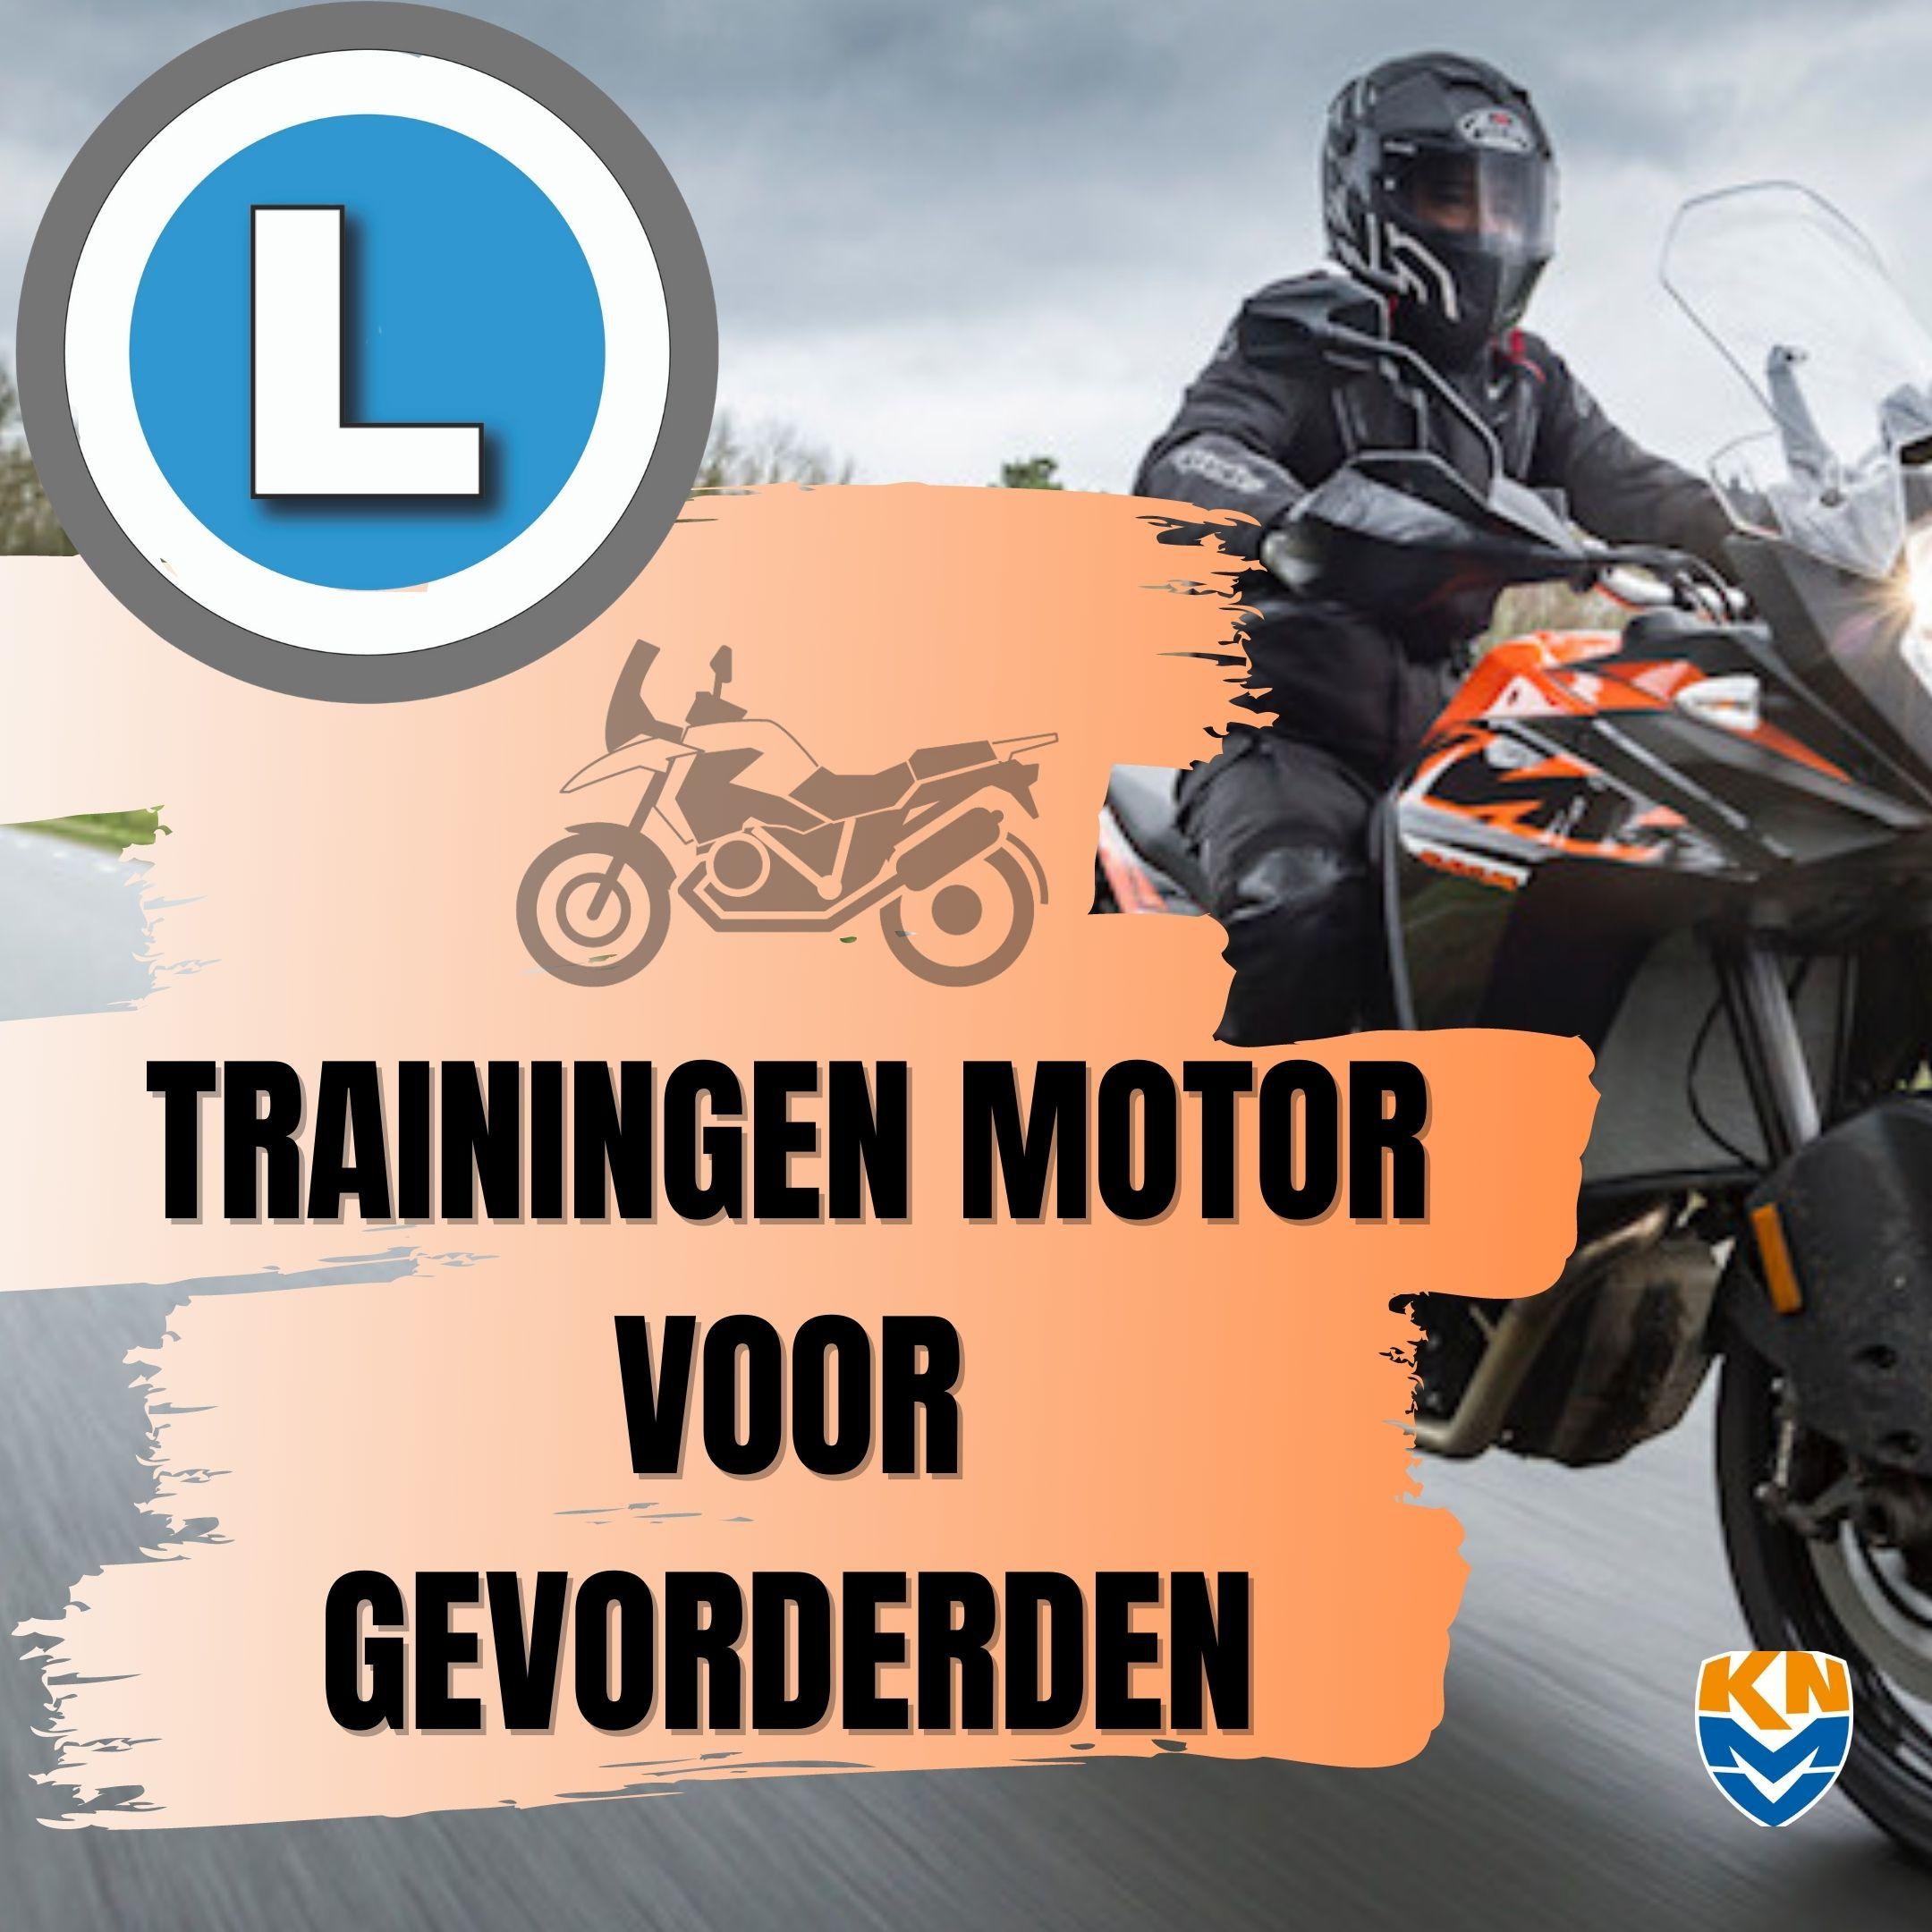 WEBSITE ICOON TRAINING MOTOR VOOR GEVORDERDEN